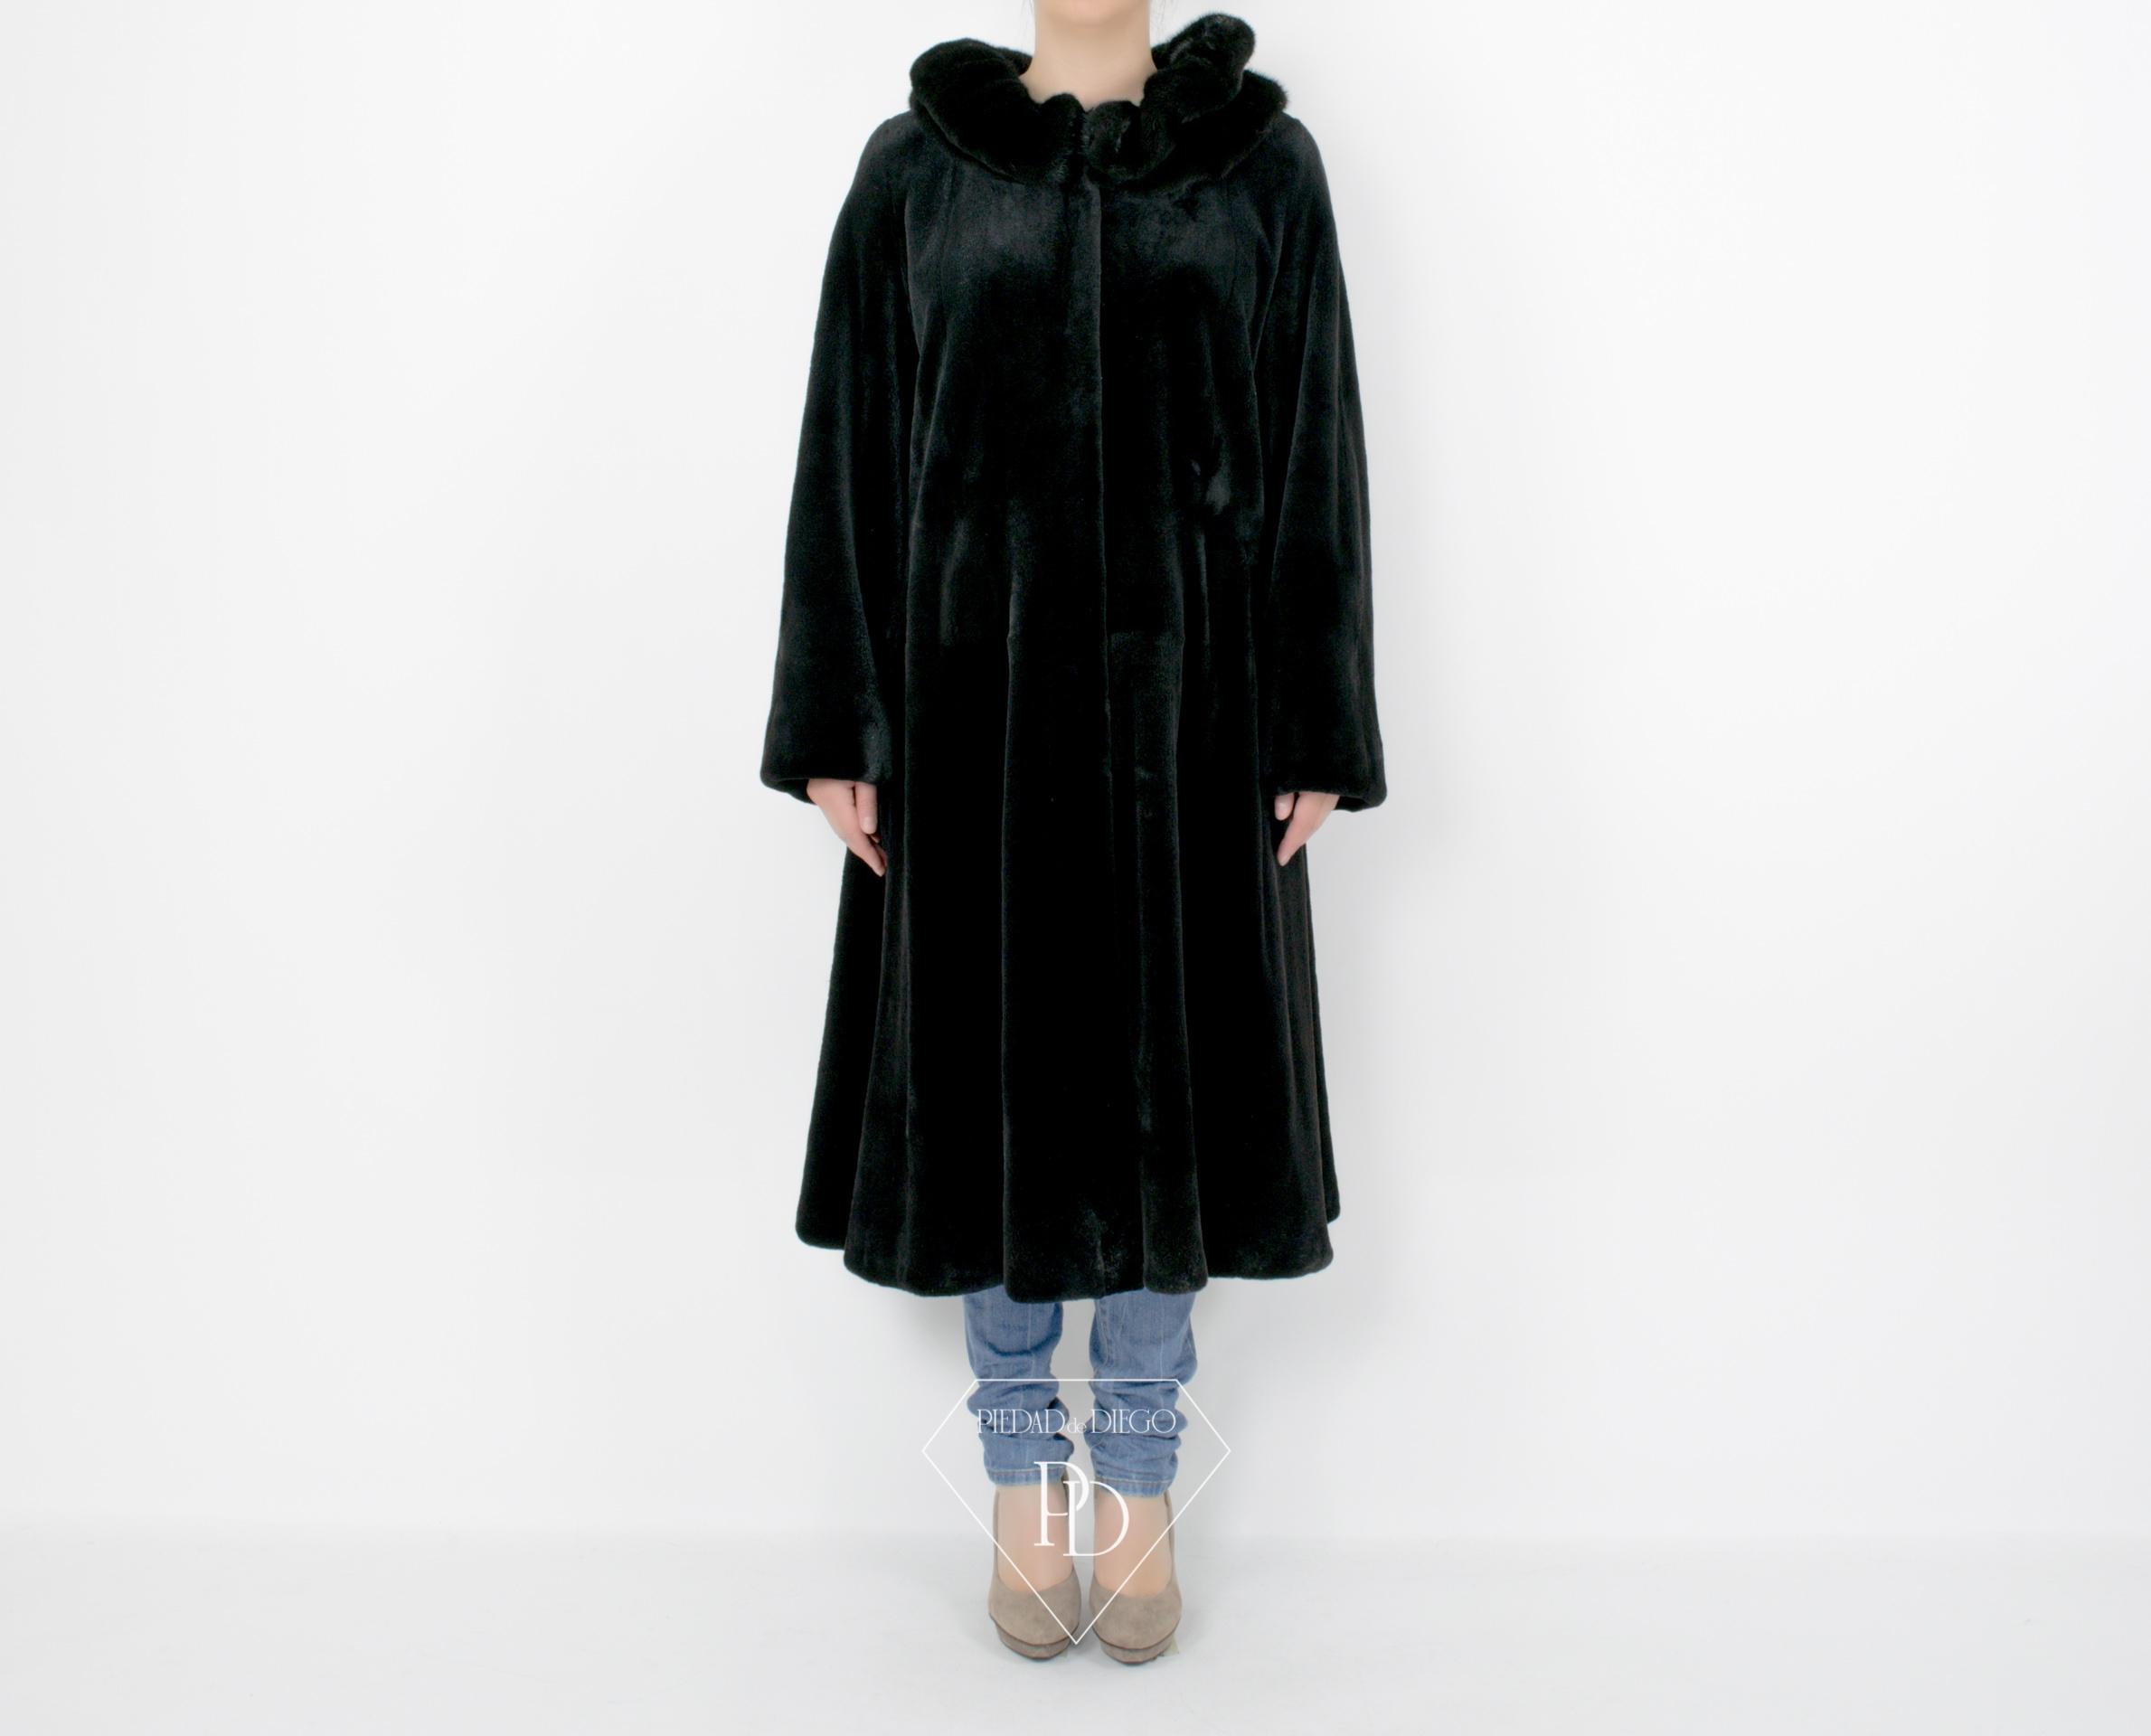 2069 Abrigo Vison Despinzado Negro